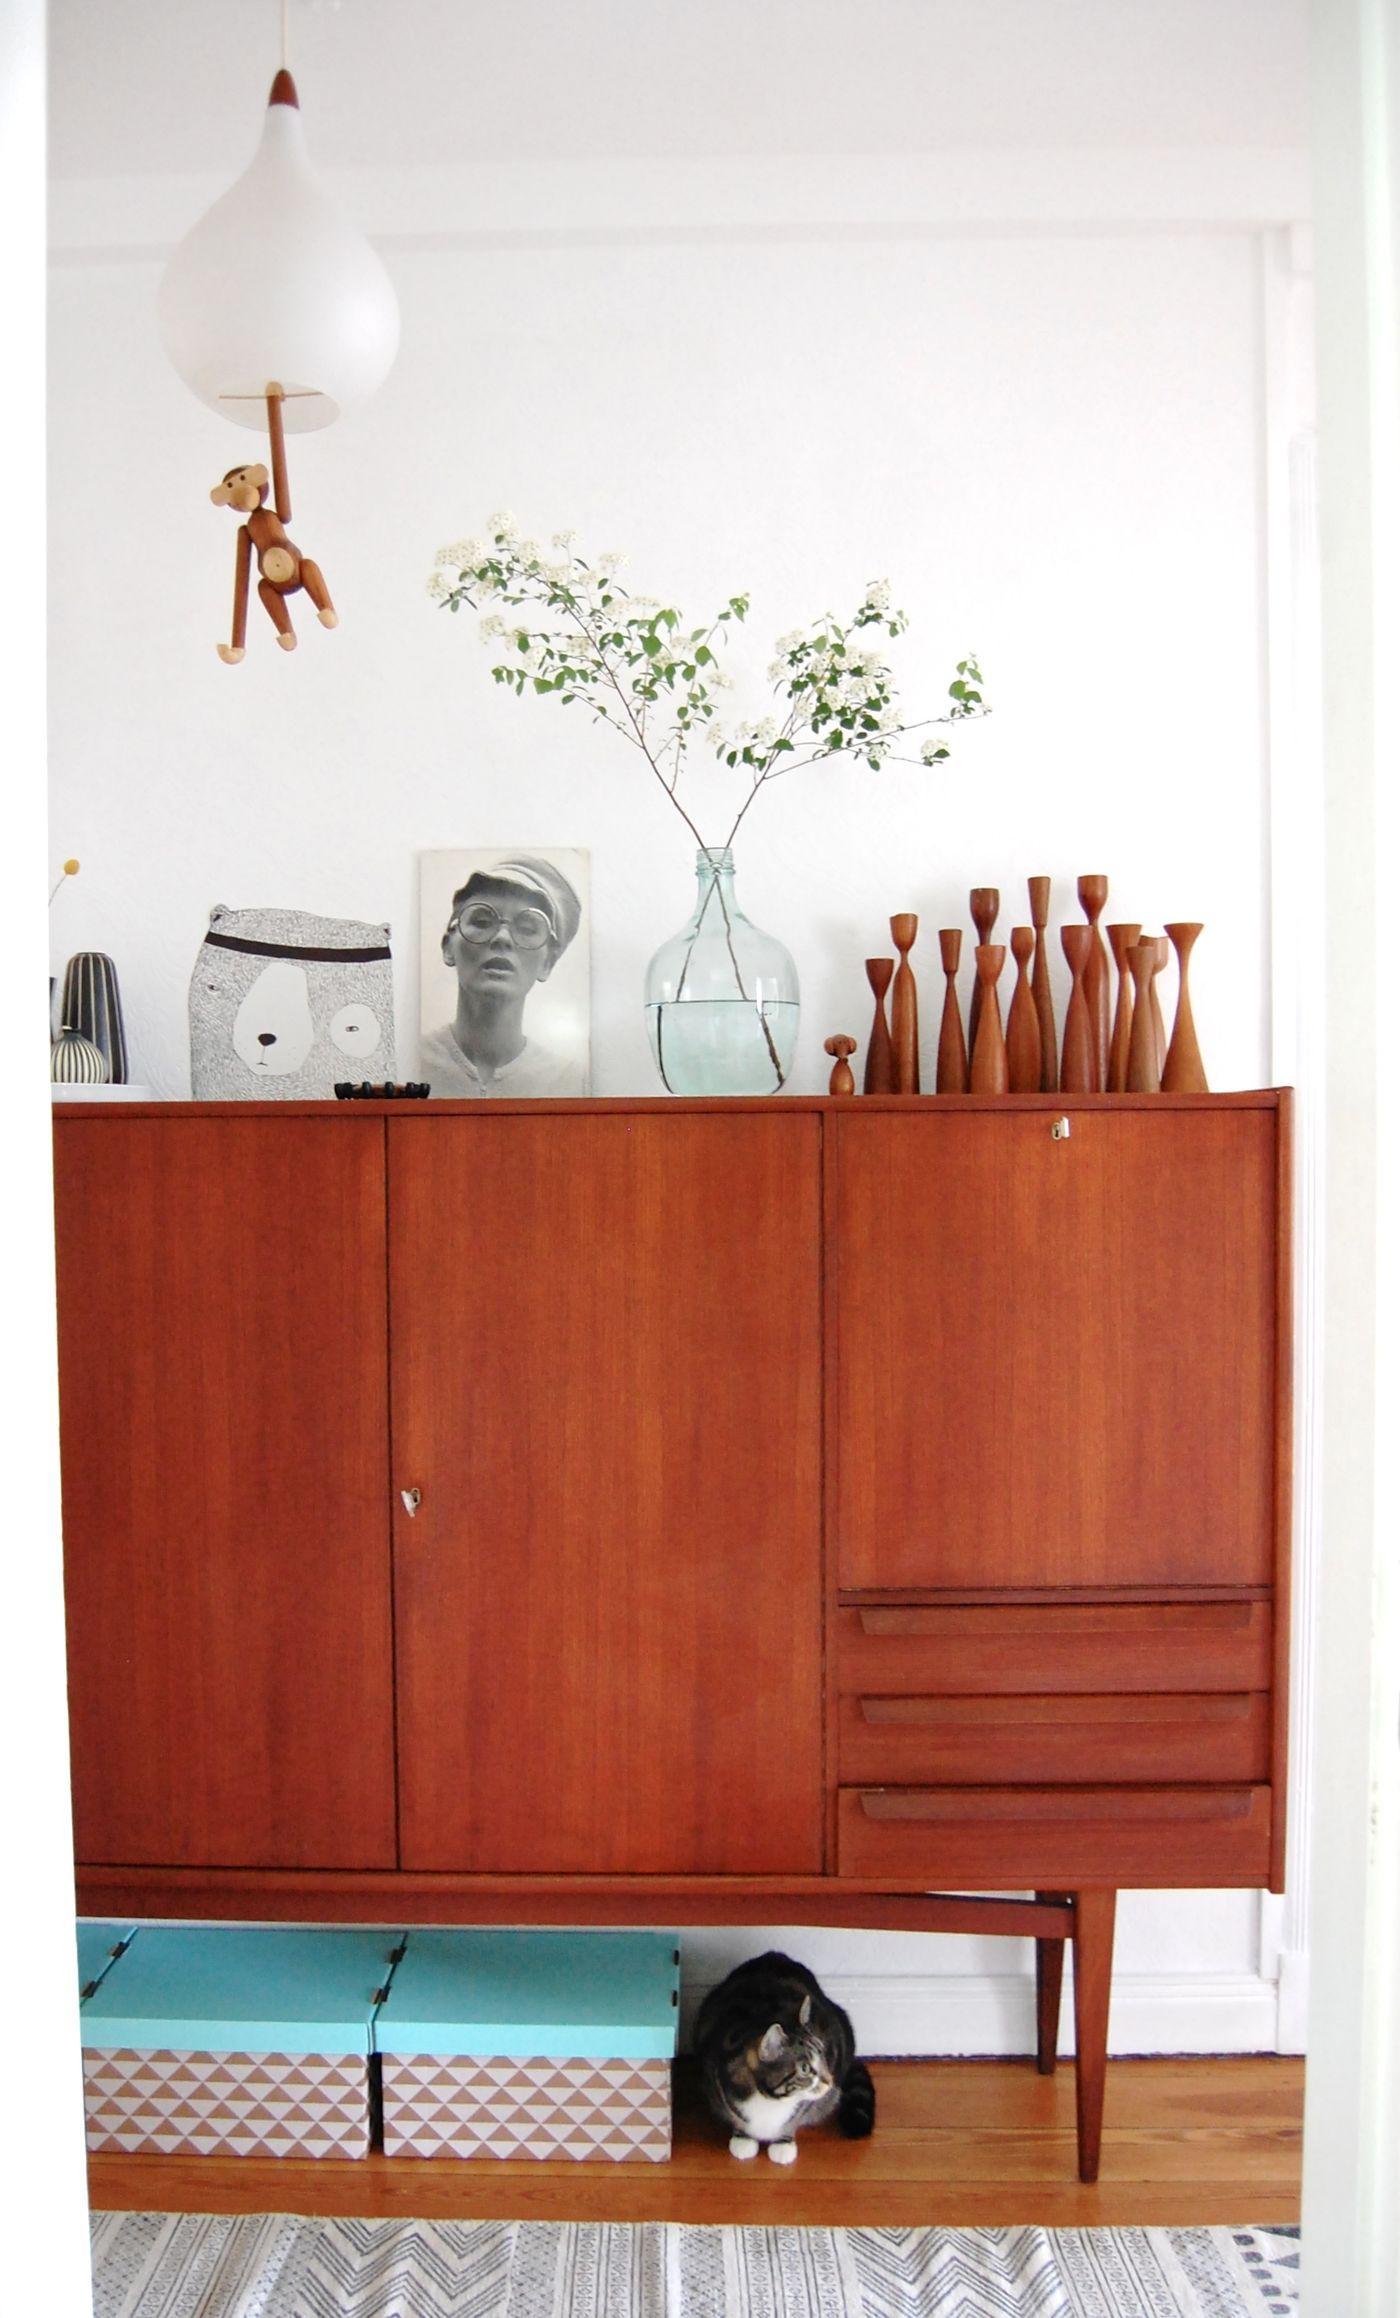 Finde Deinen Wohnstil Und Einrichtungsstil Tipps Und Ideen